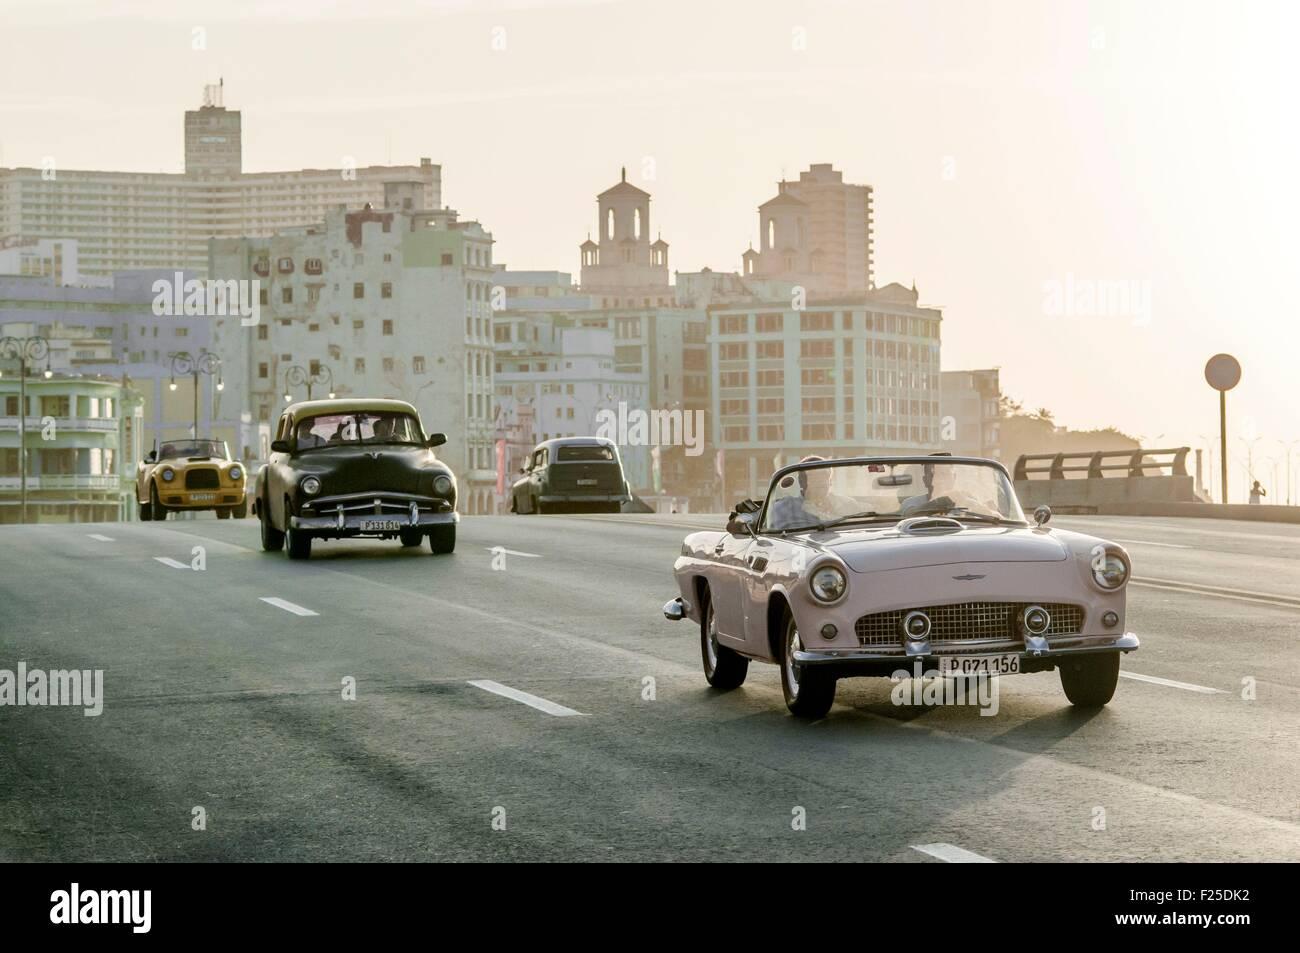 Cuba, La Habana, el Malecón, el tráfico en el distrito de Habana Centro Imagen De Stock